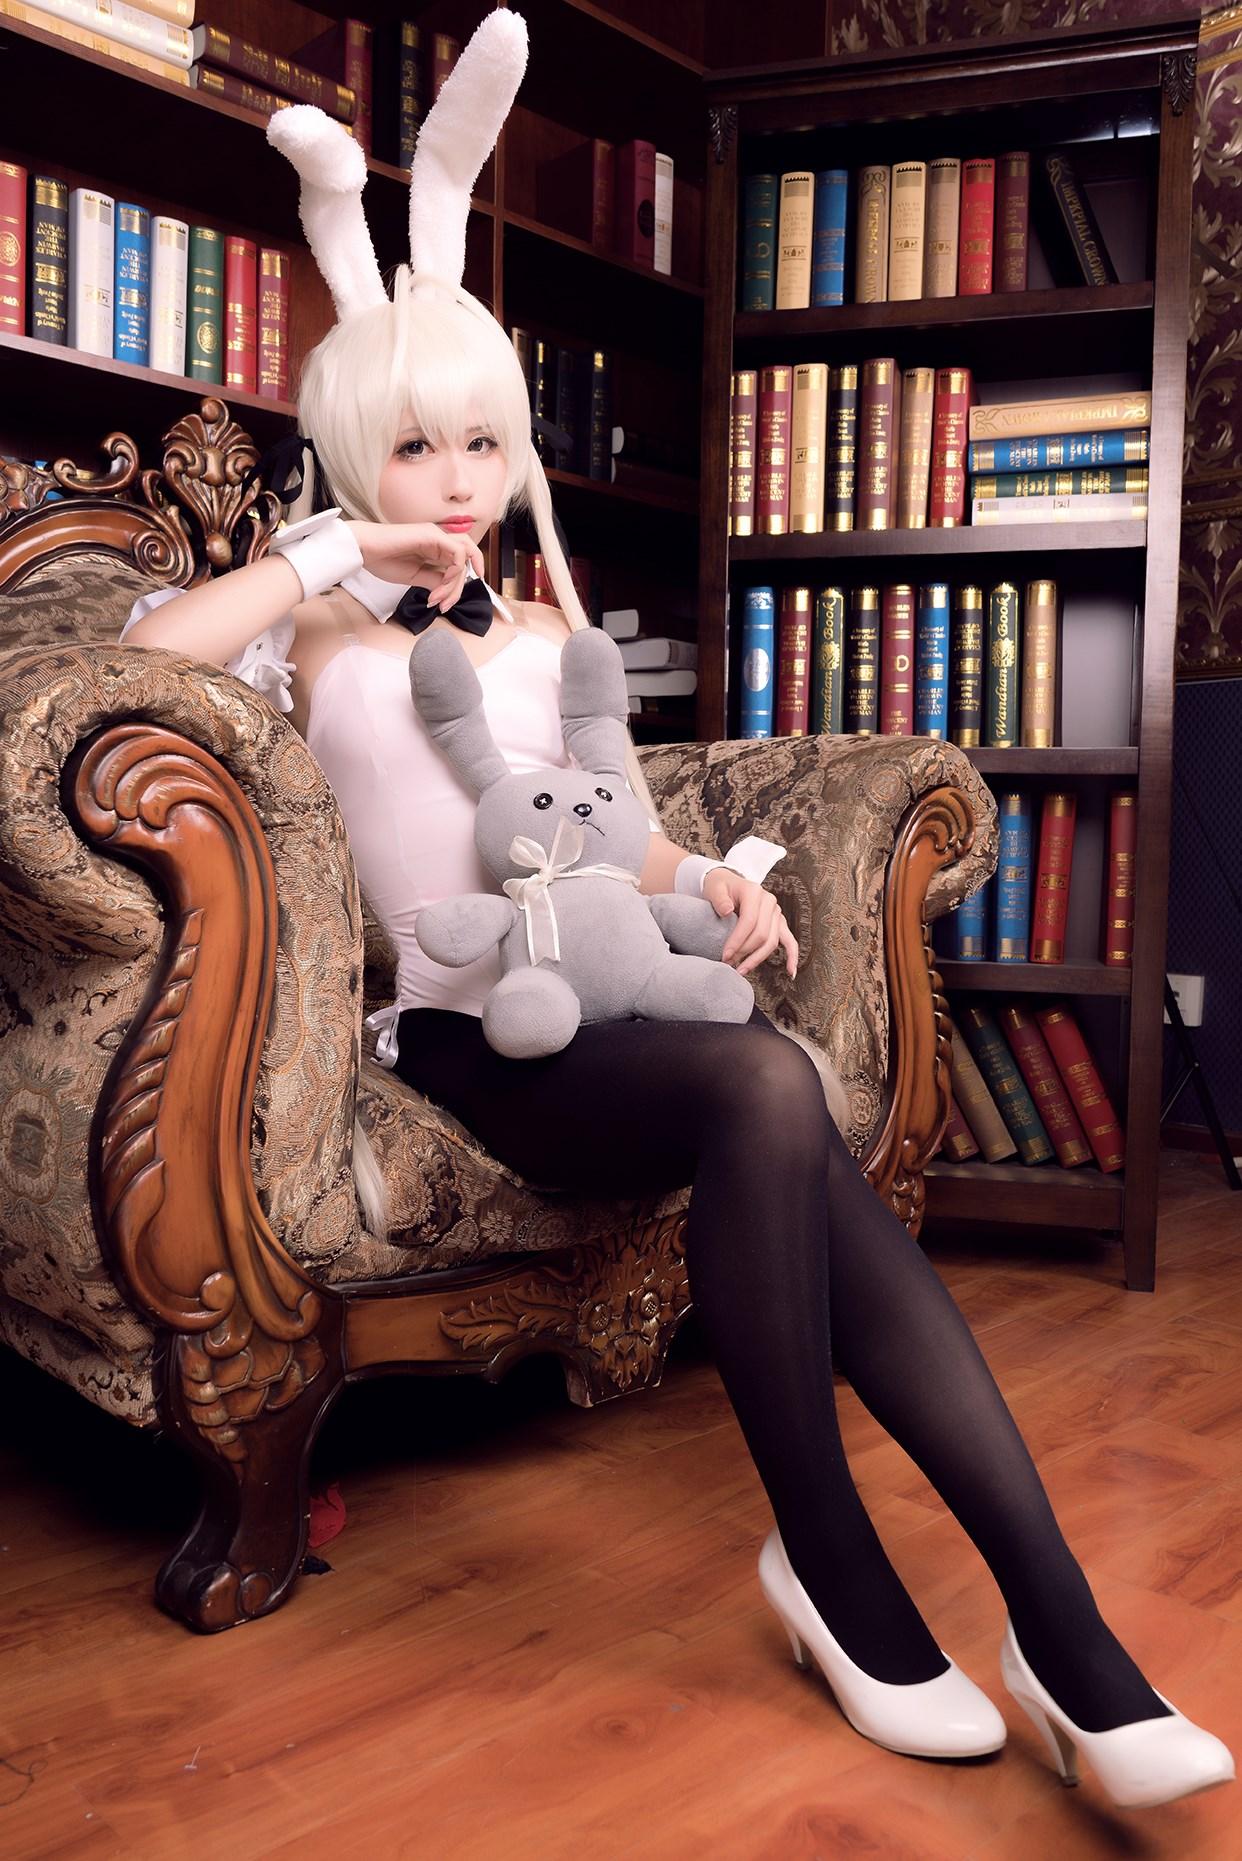 【兔玩映画】兔女郎vol.15-穹妹 兔玩映画 第7张